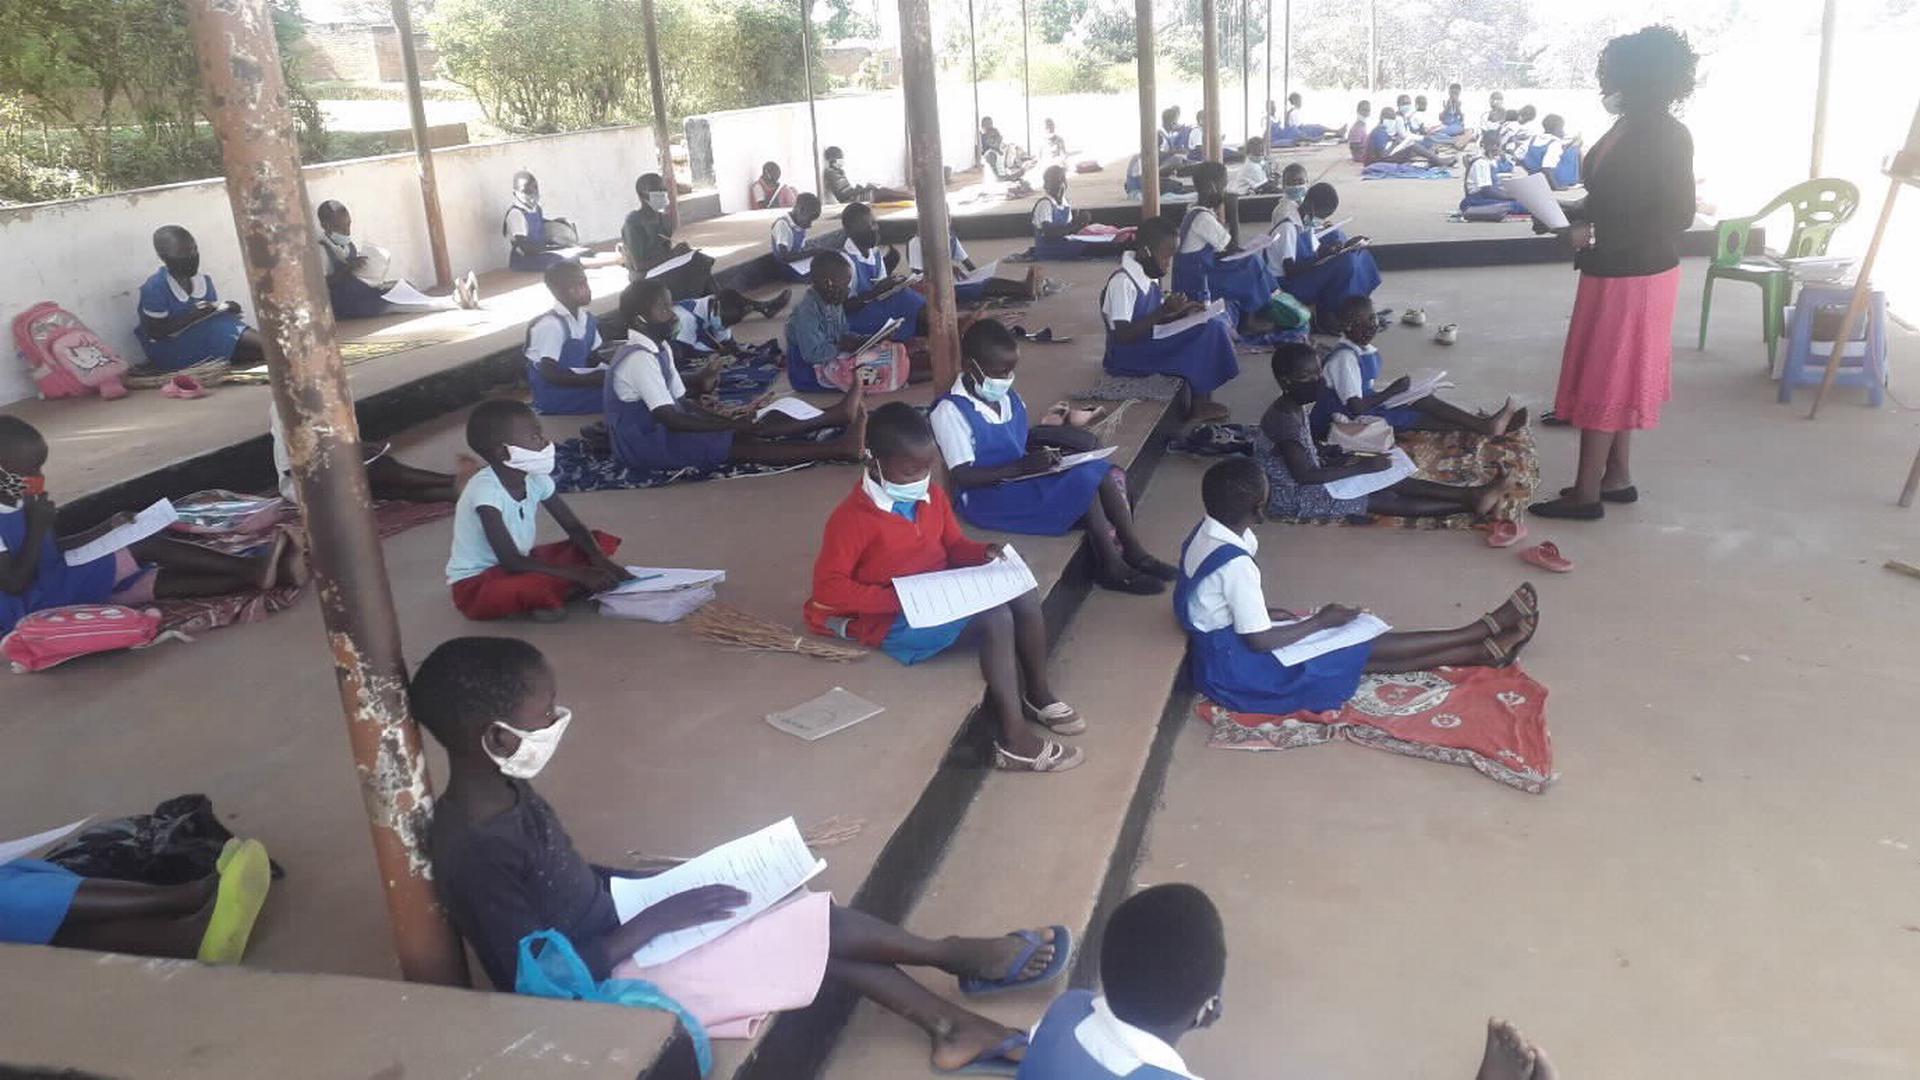 Junge Leute beim Lernen